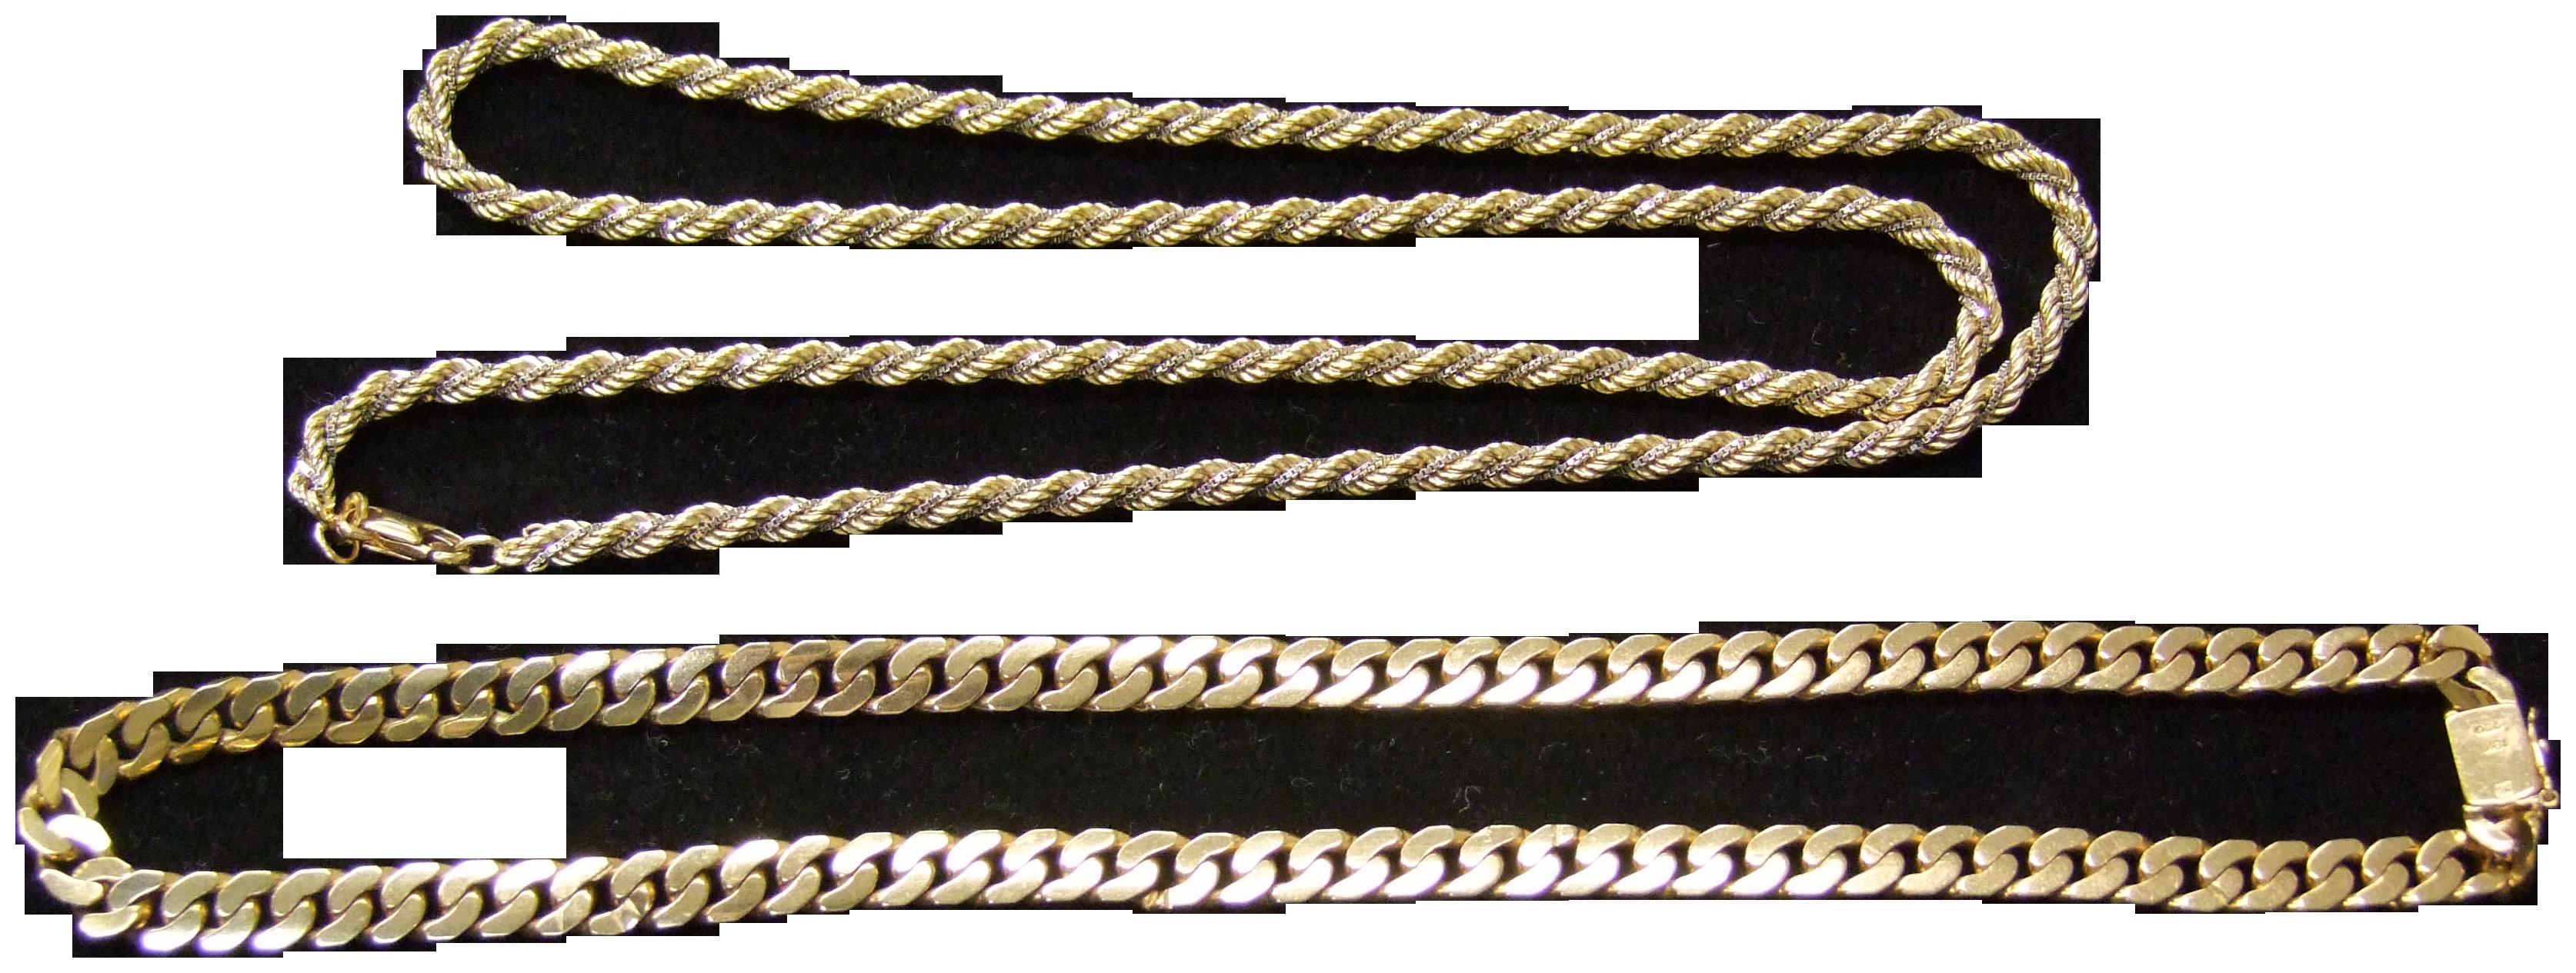 金 貴金属 ネックレス 喜平